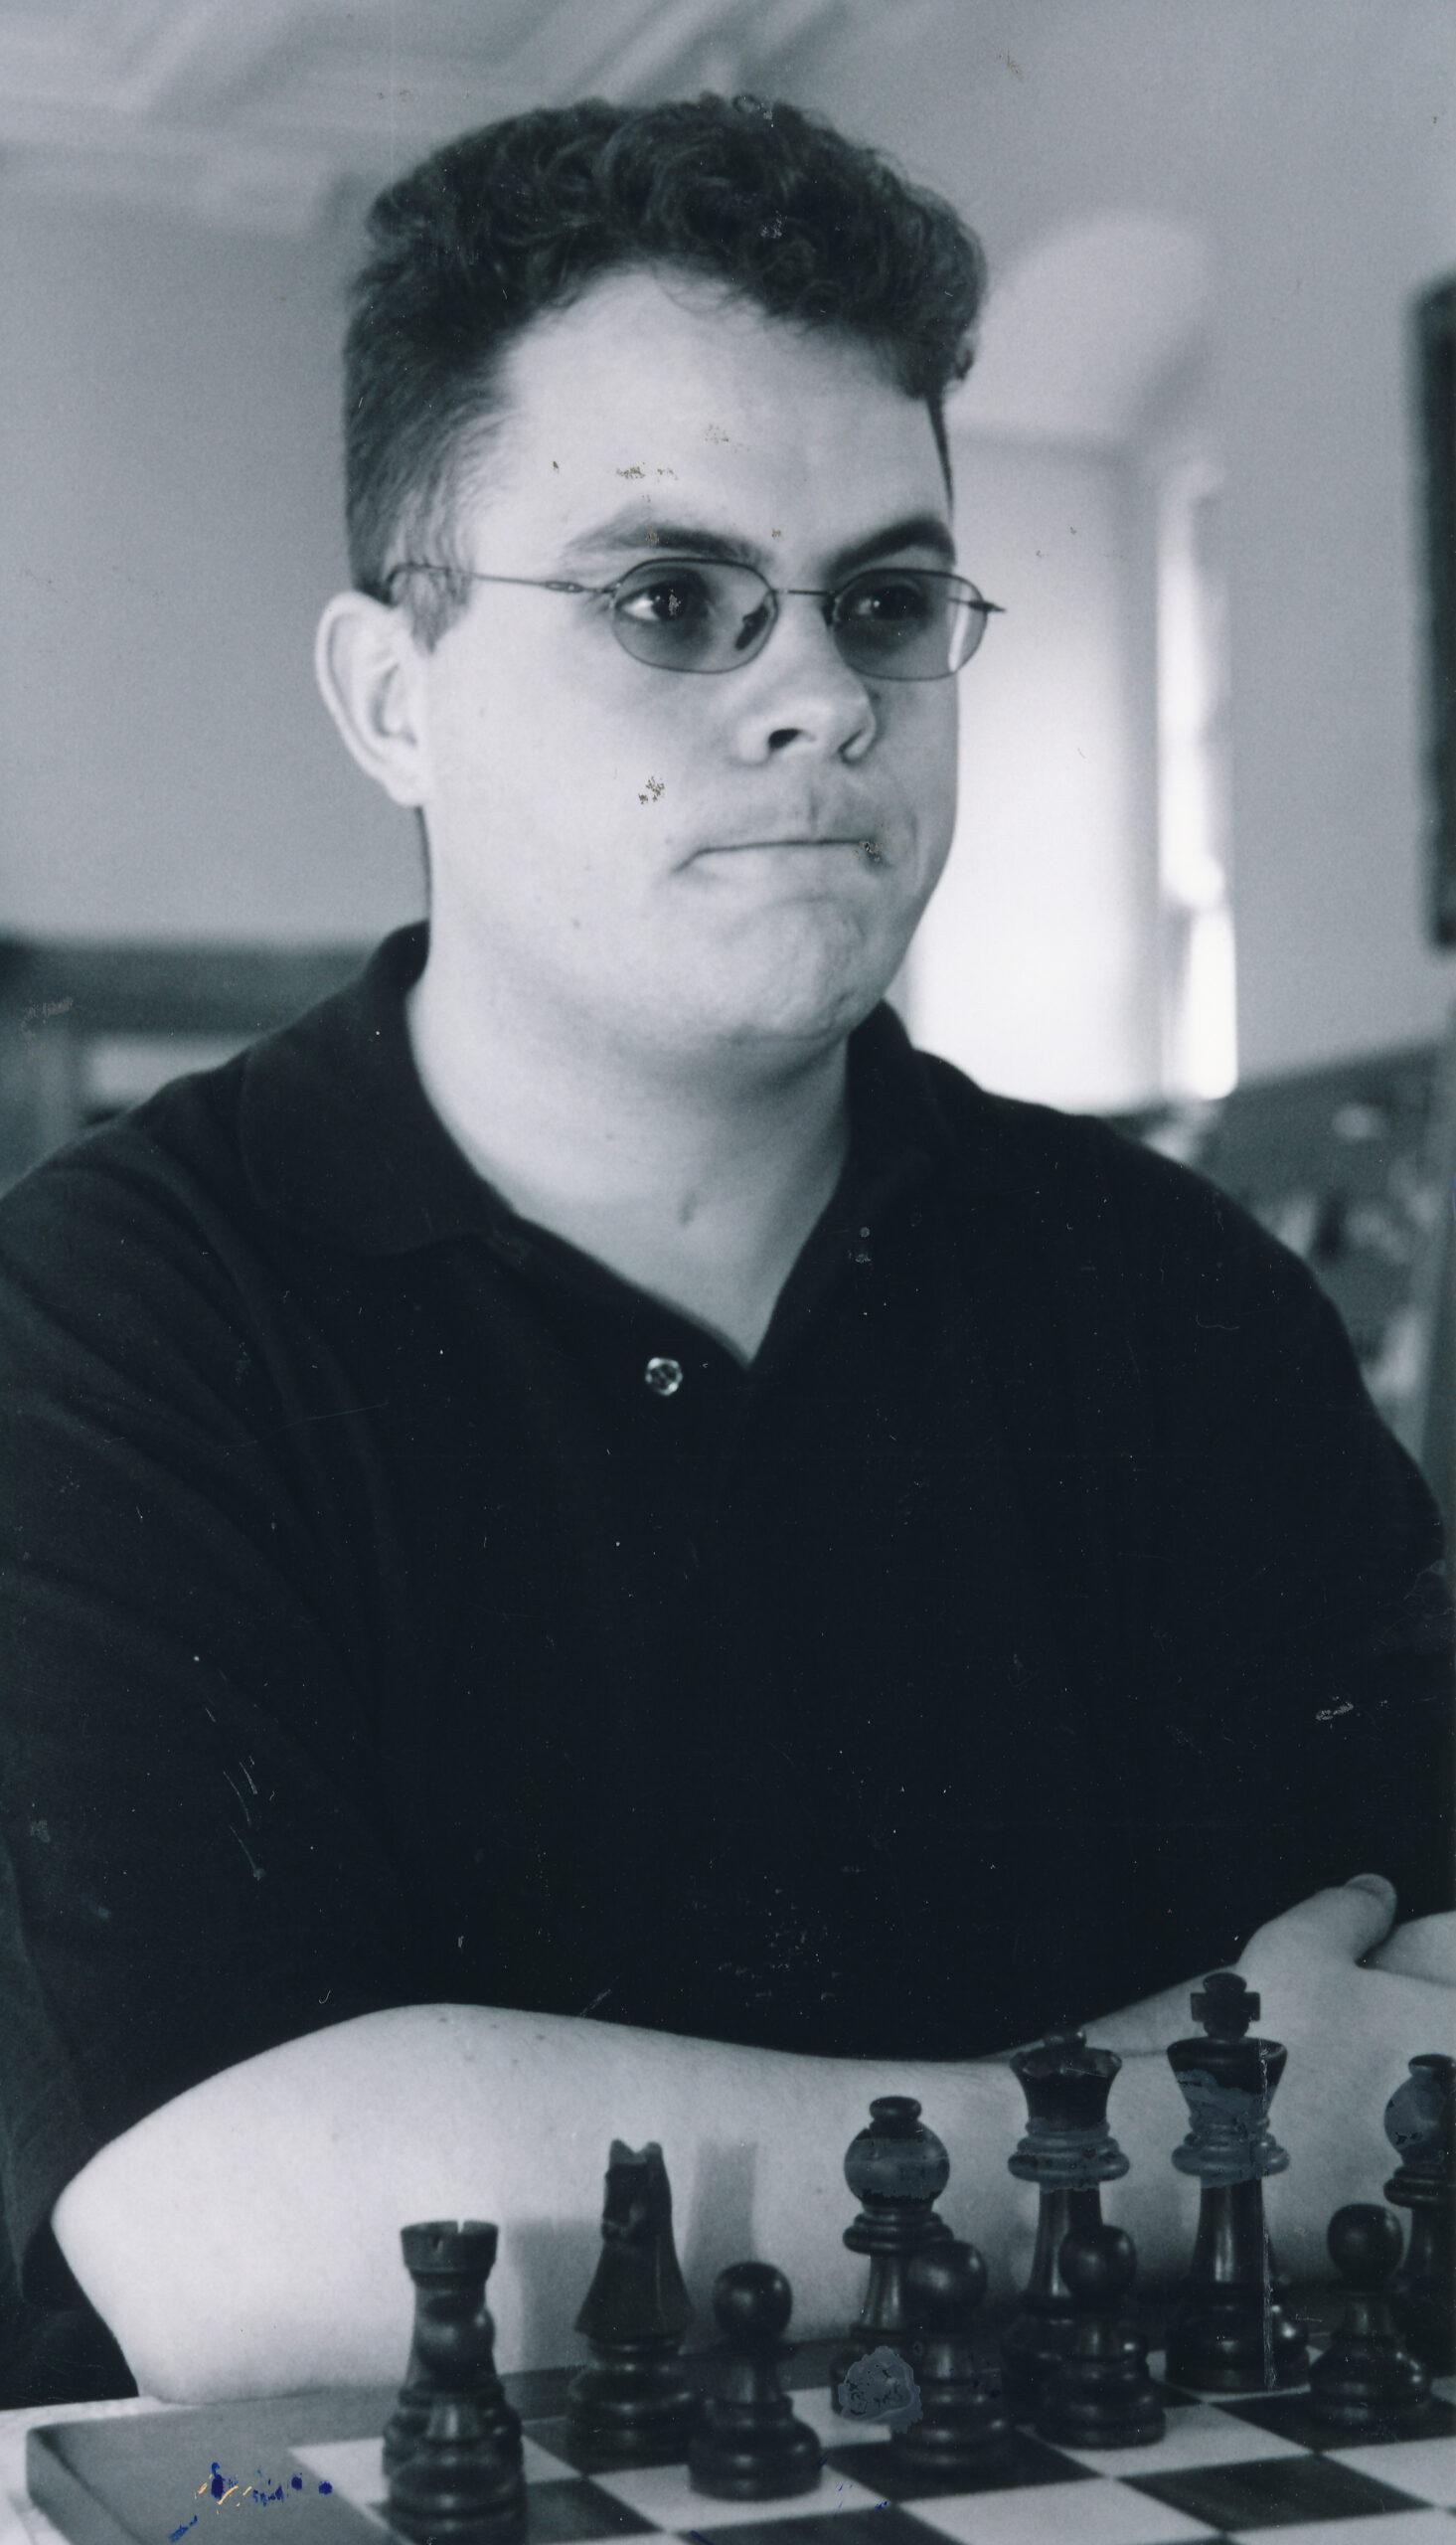 Aaron Summerscale